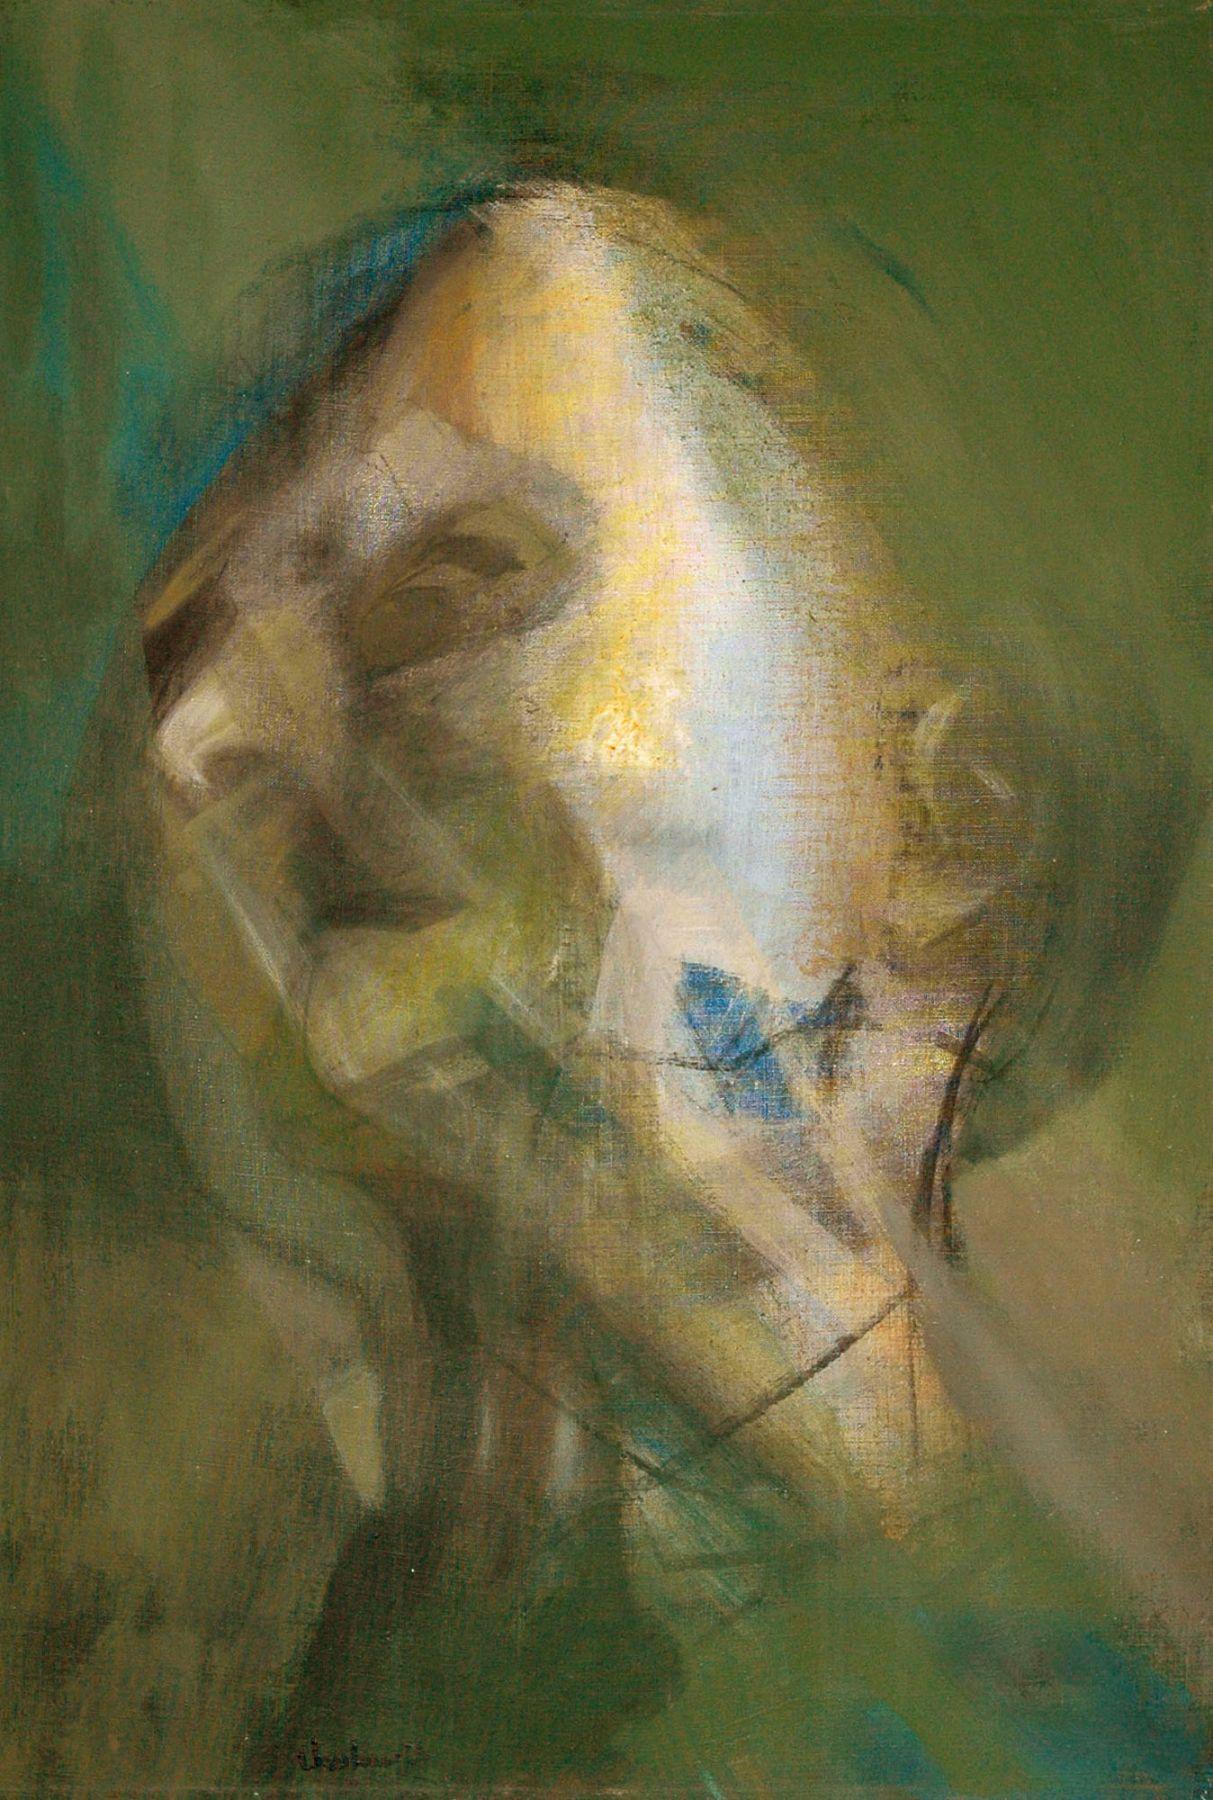 HOWARD WARSHAW (1920-1977), Ulysses (Homer), No 2